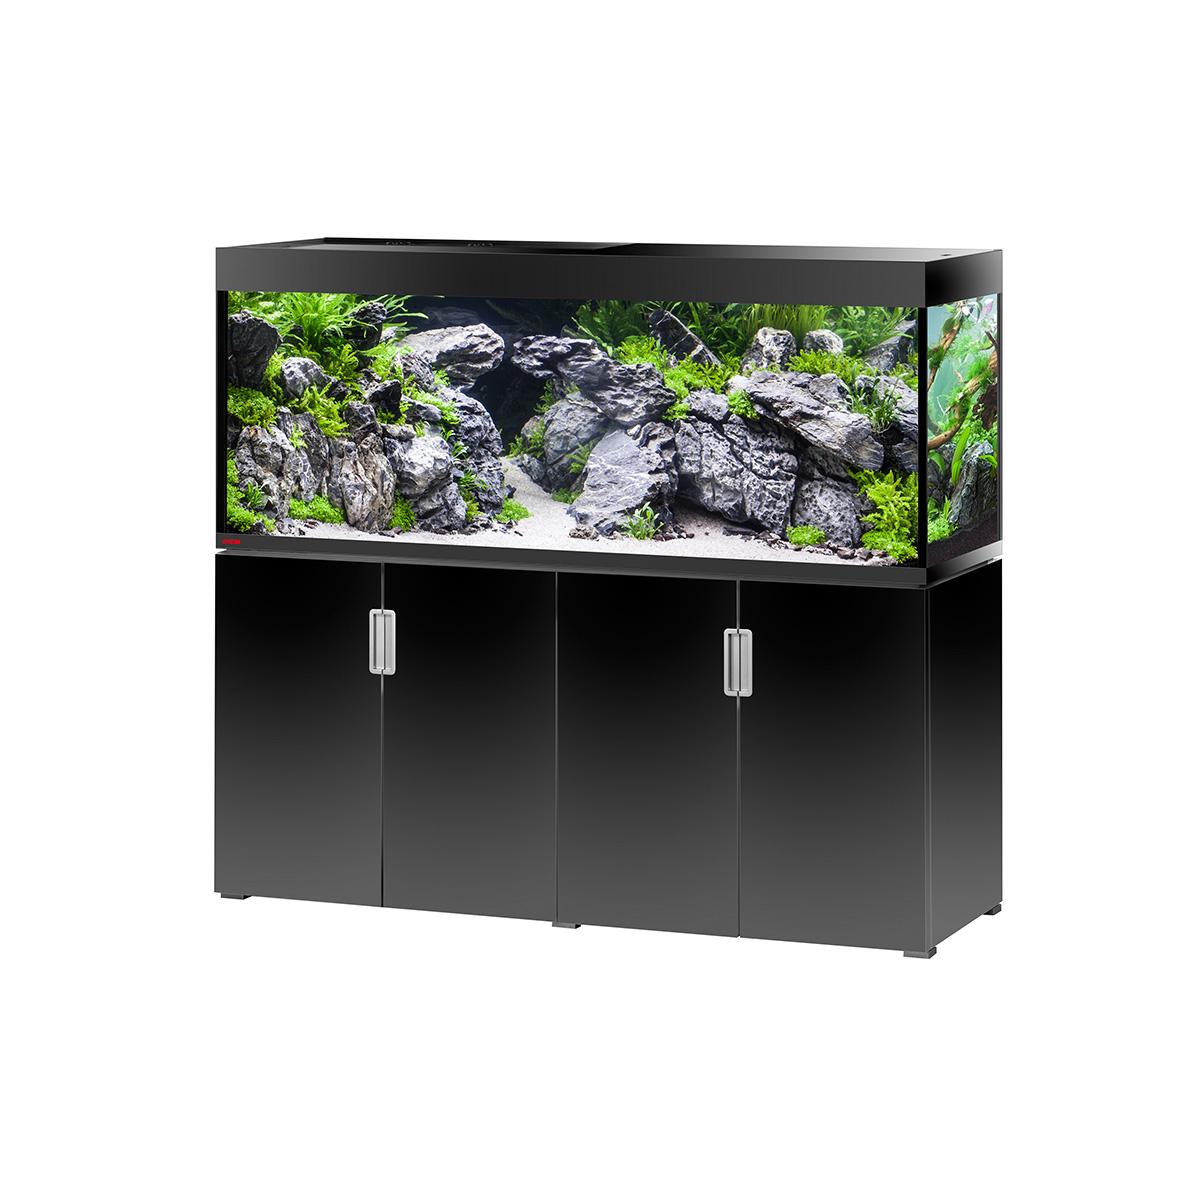 Aquarium EHEIM incpiria 500 mit LED Beleuchtung (Neukunde)